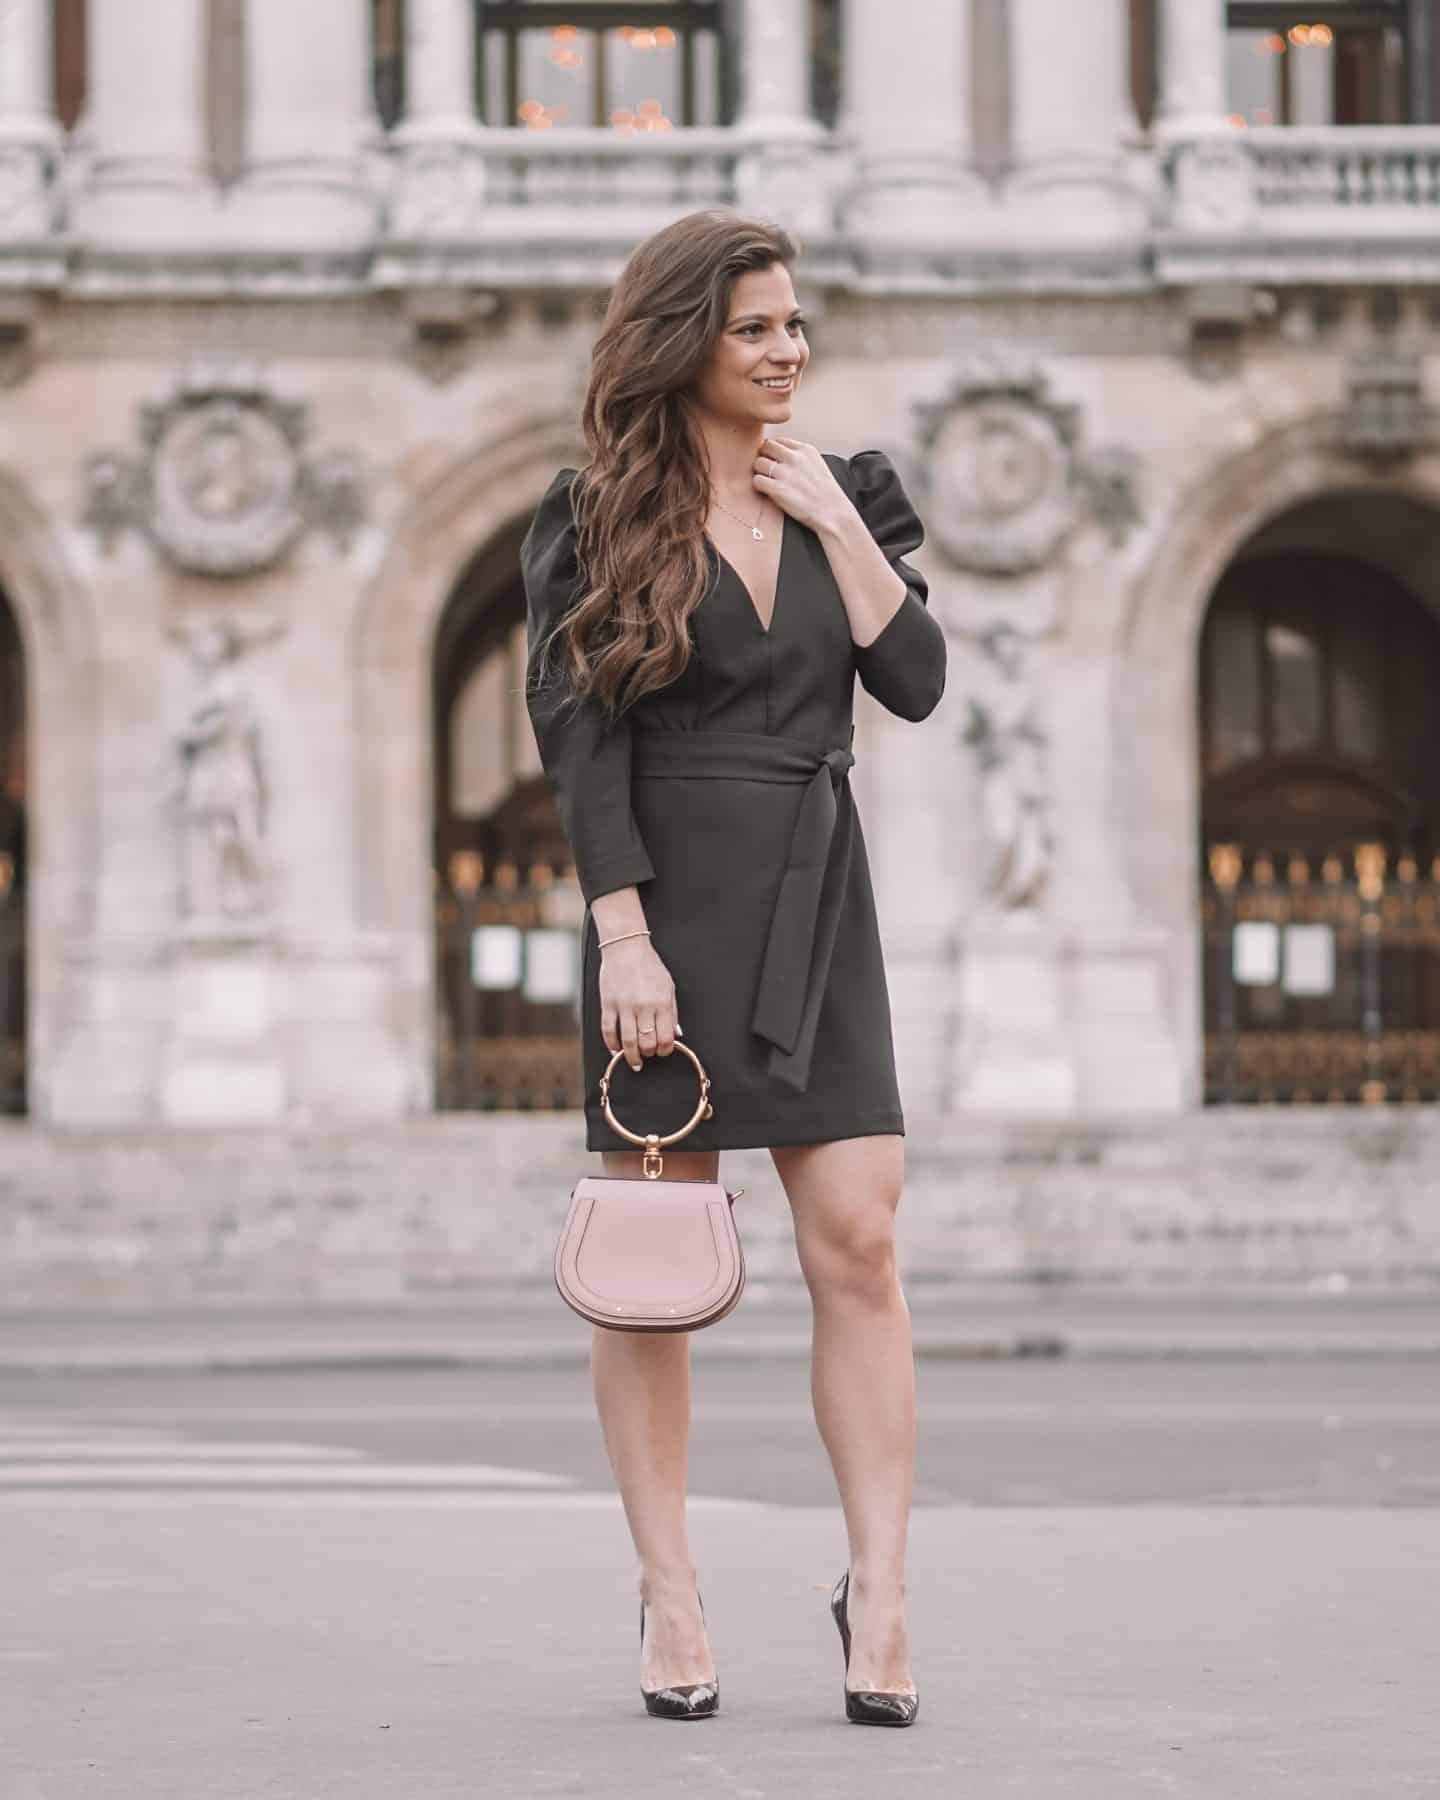 Black dress chloe nile bag